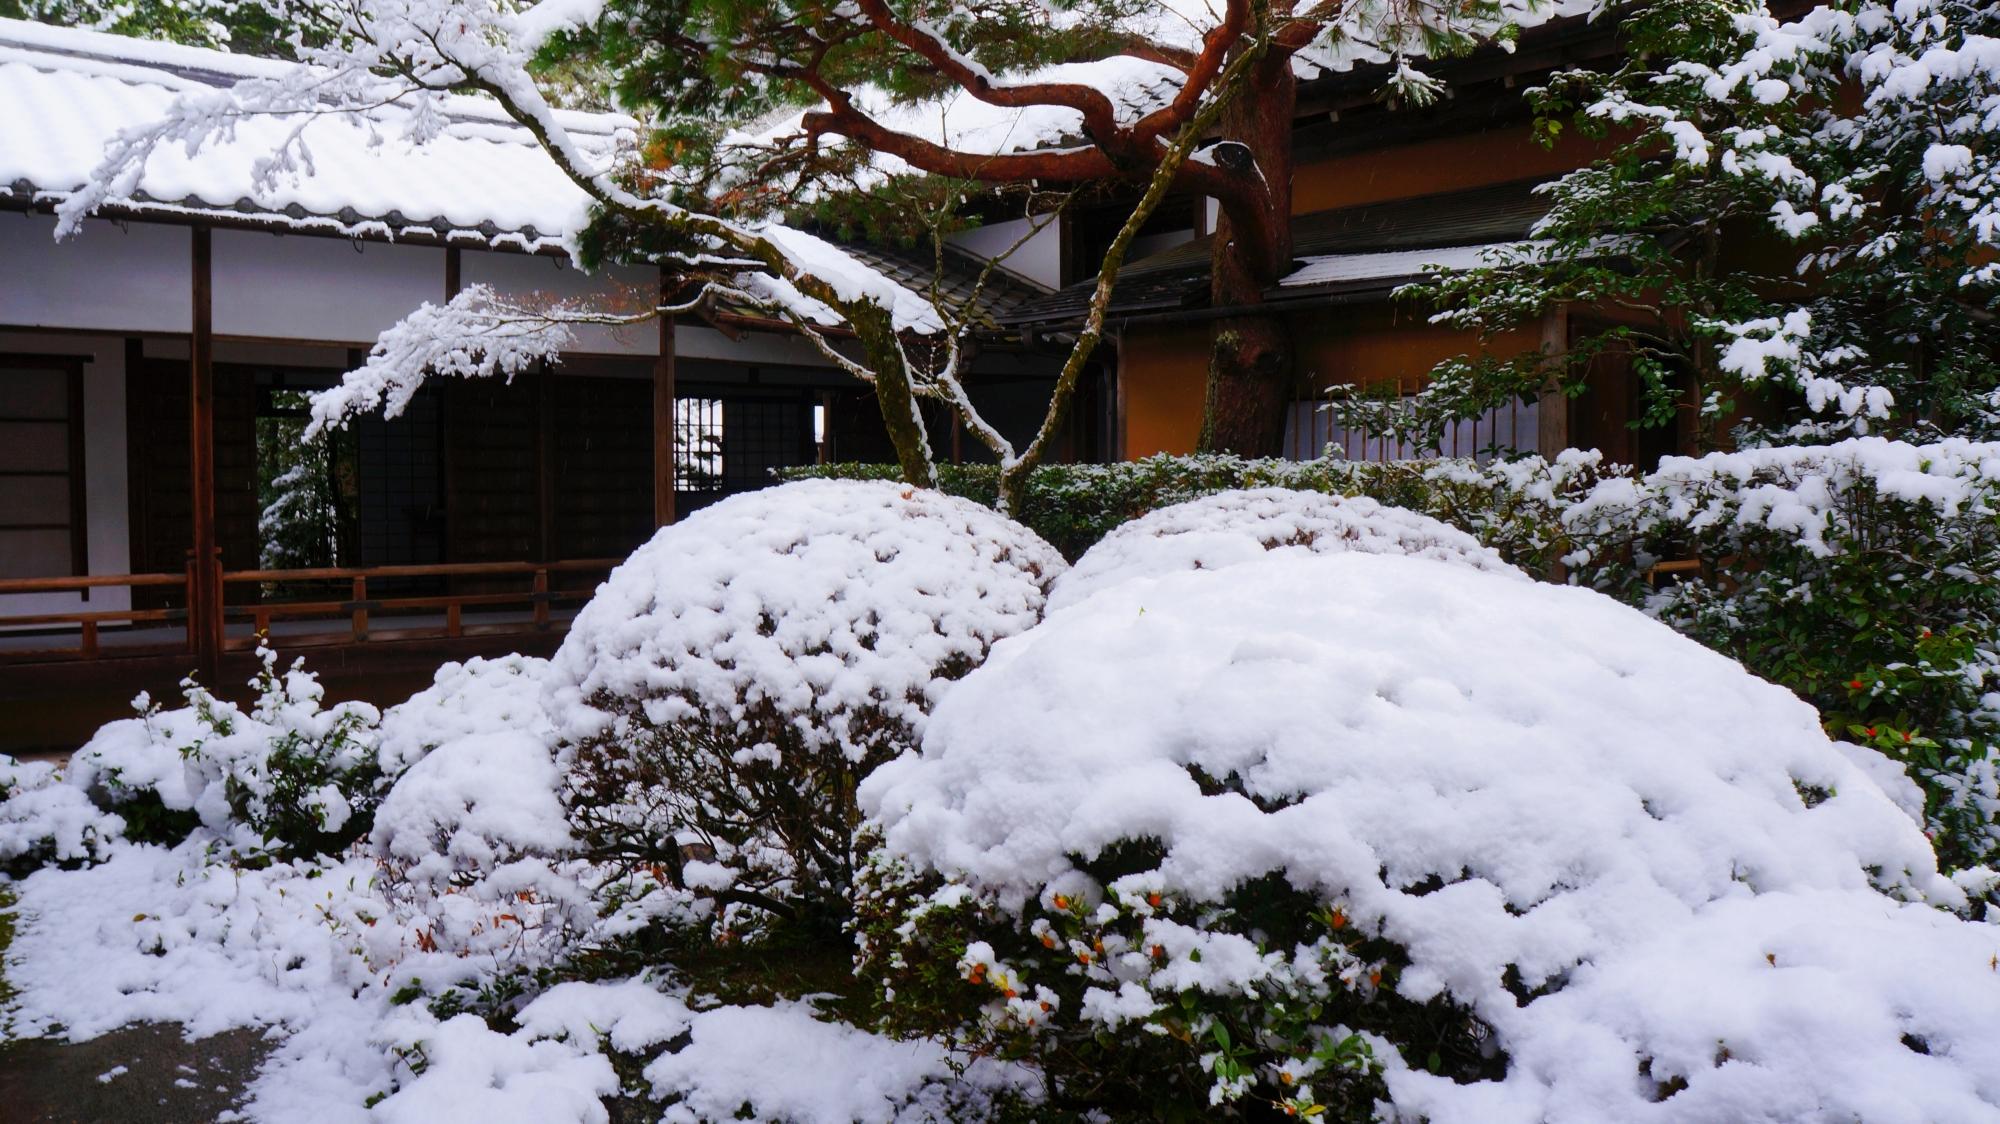 雪がてんこ盛りの刈り込み